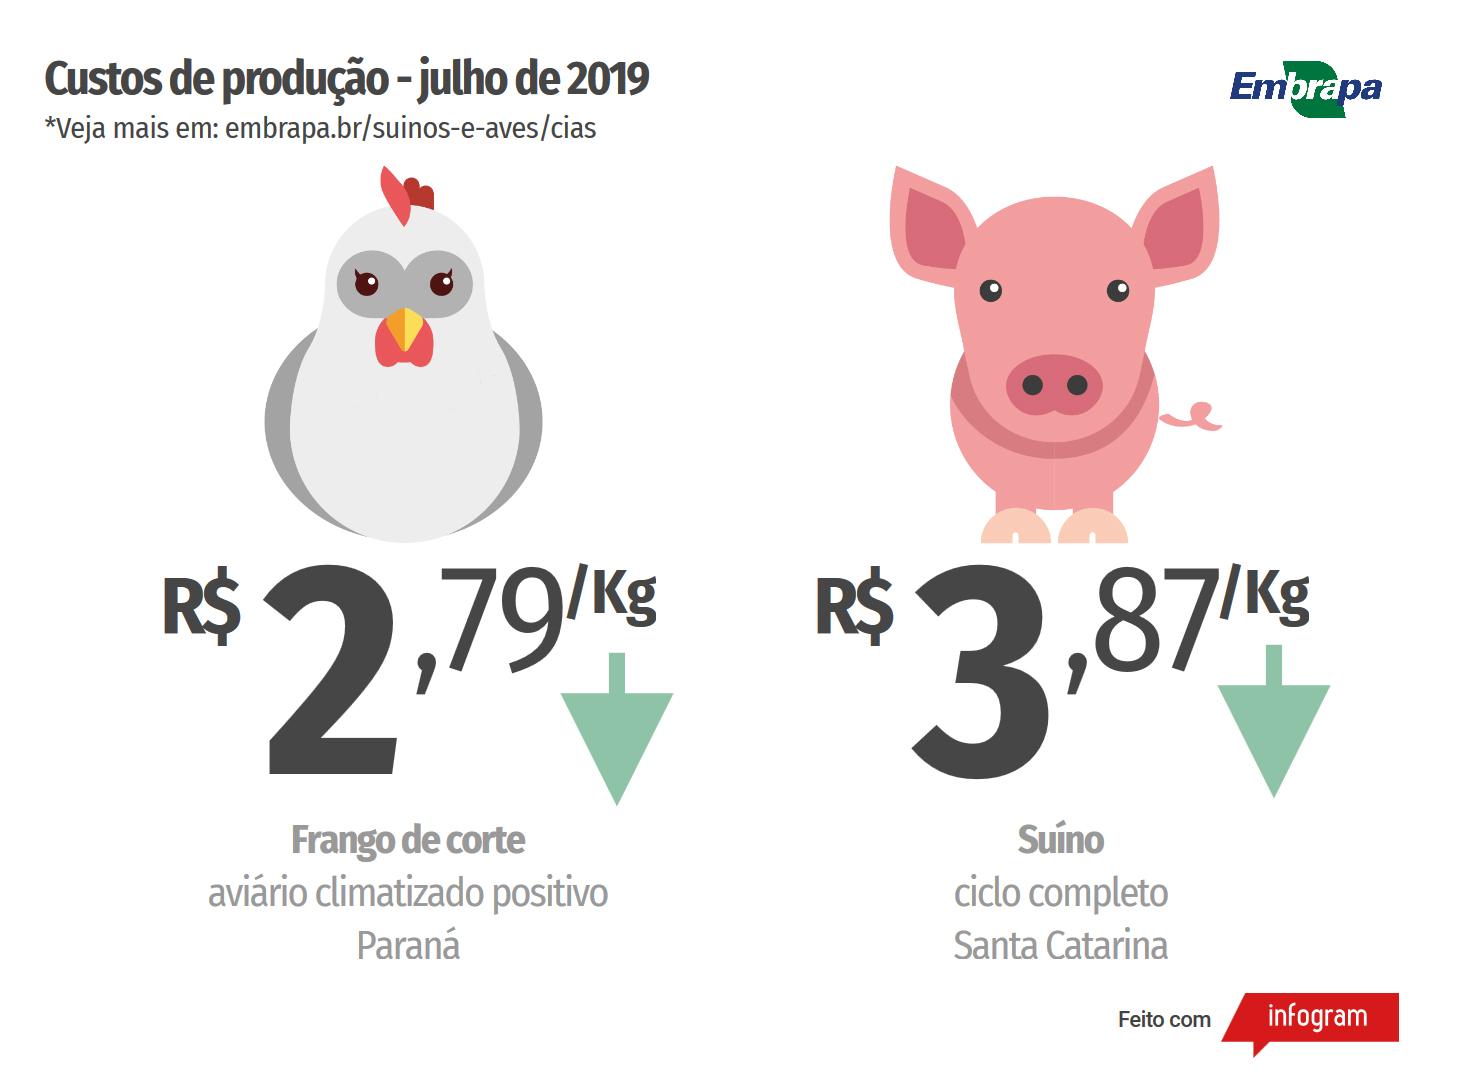 Custos de produção de suínos e de frangos de corte registram queda em julho